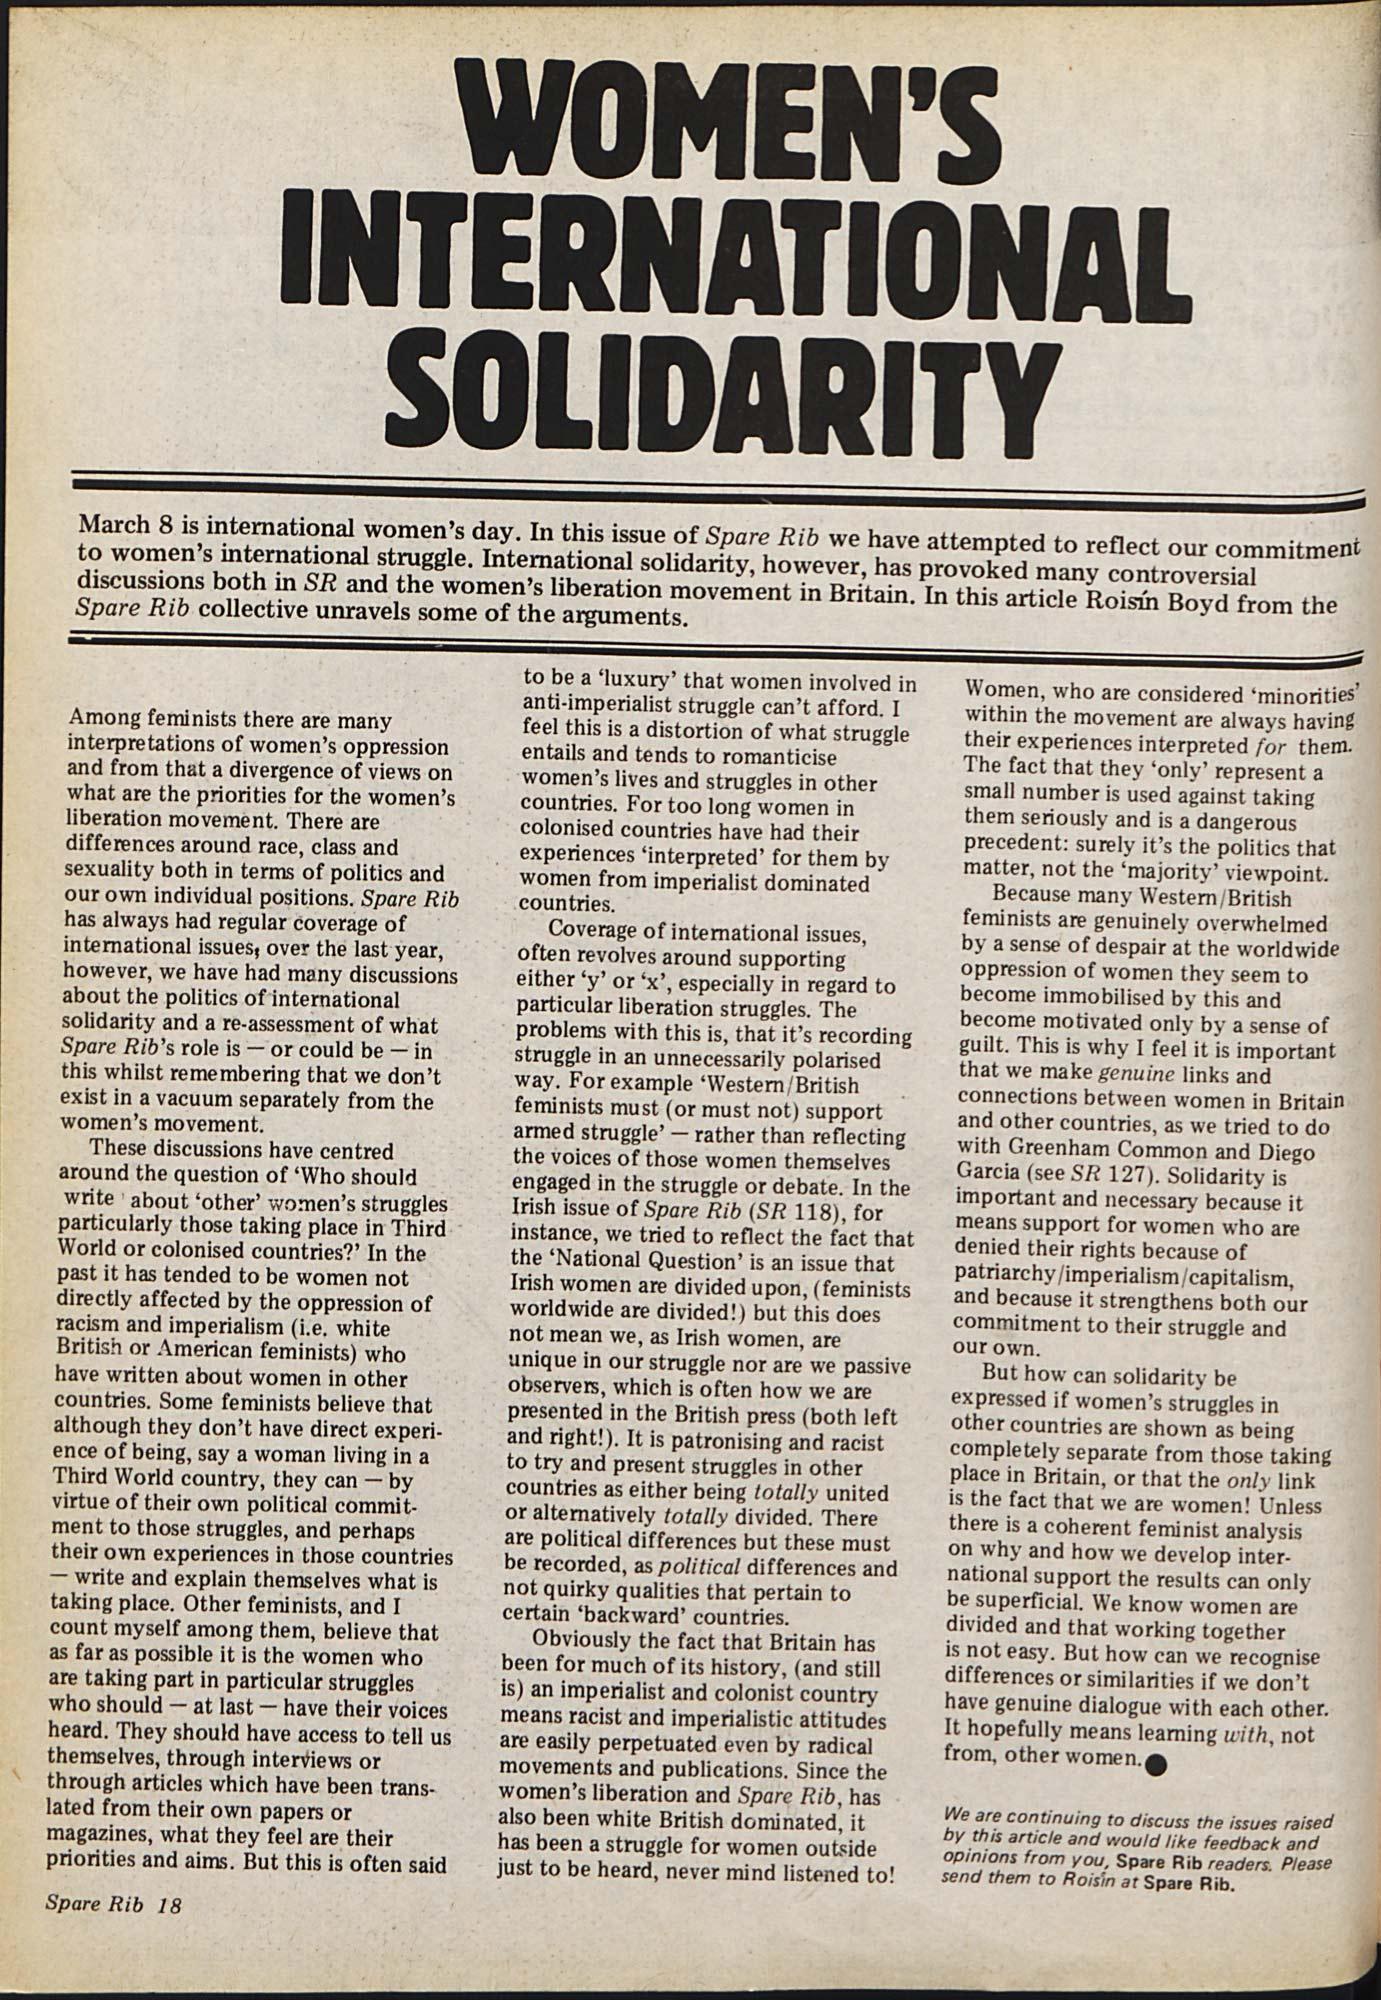 Spare Rib magazine issue 18 p. 18